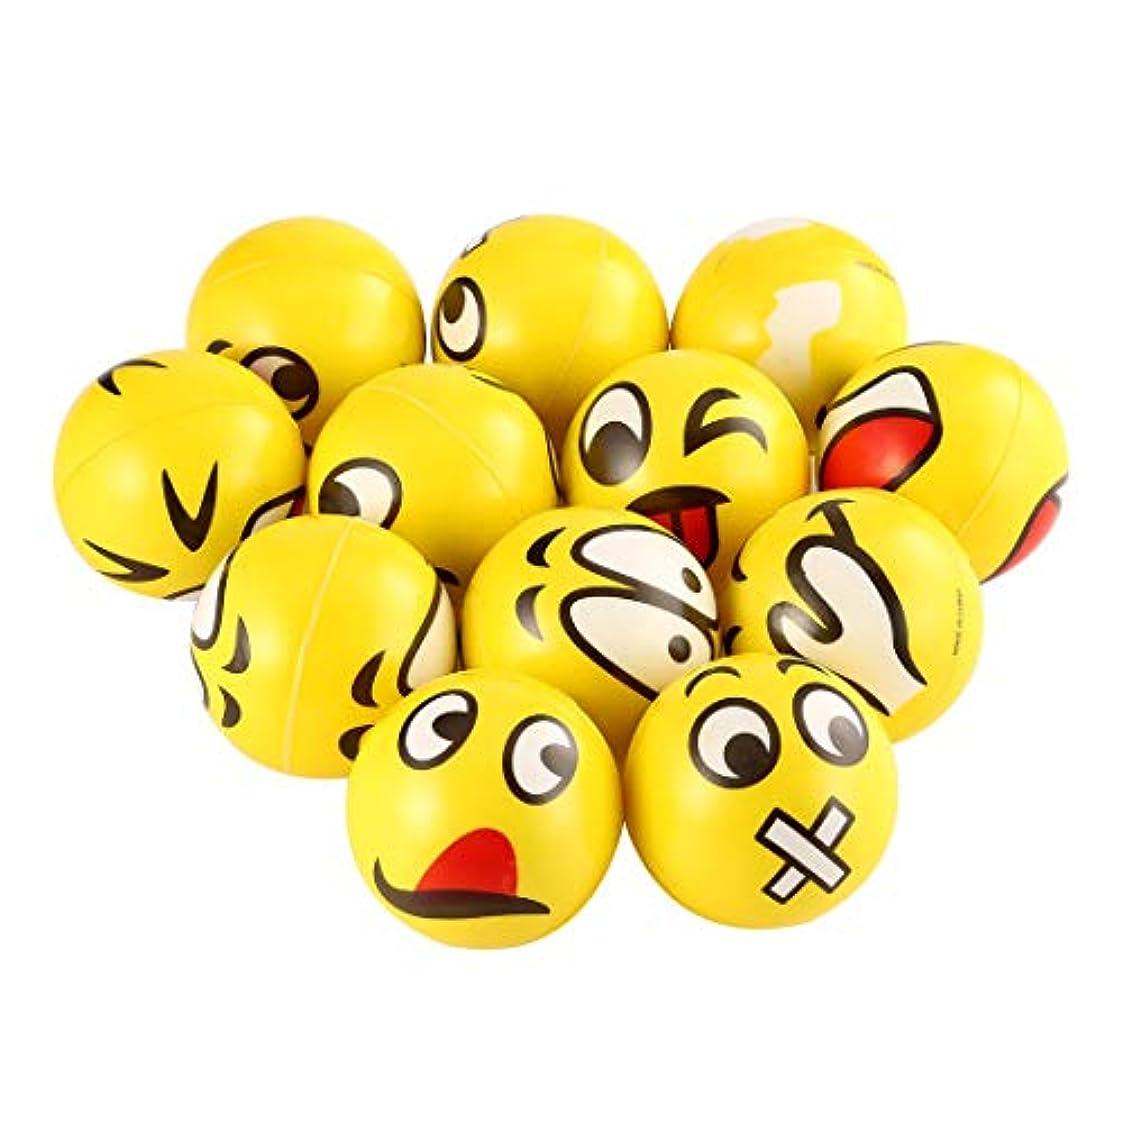 ちょっと待ってとしてライターSwiftgood 黄色い表情ストレス解消スポンジフォームボールハンドスクイーズ玩具